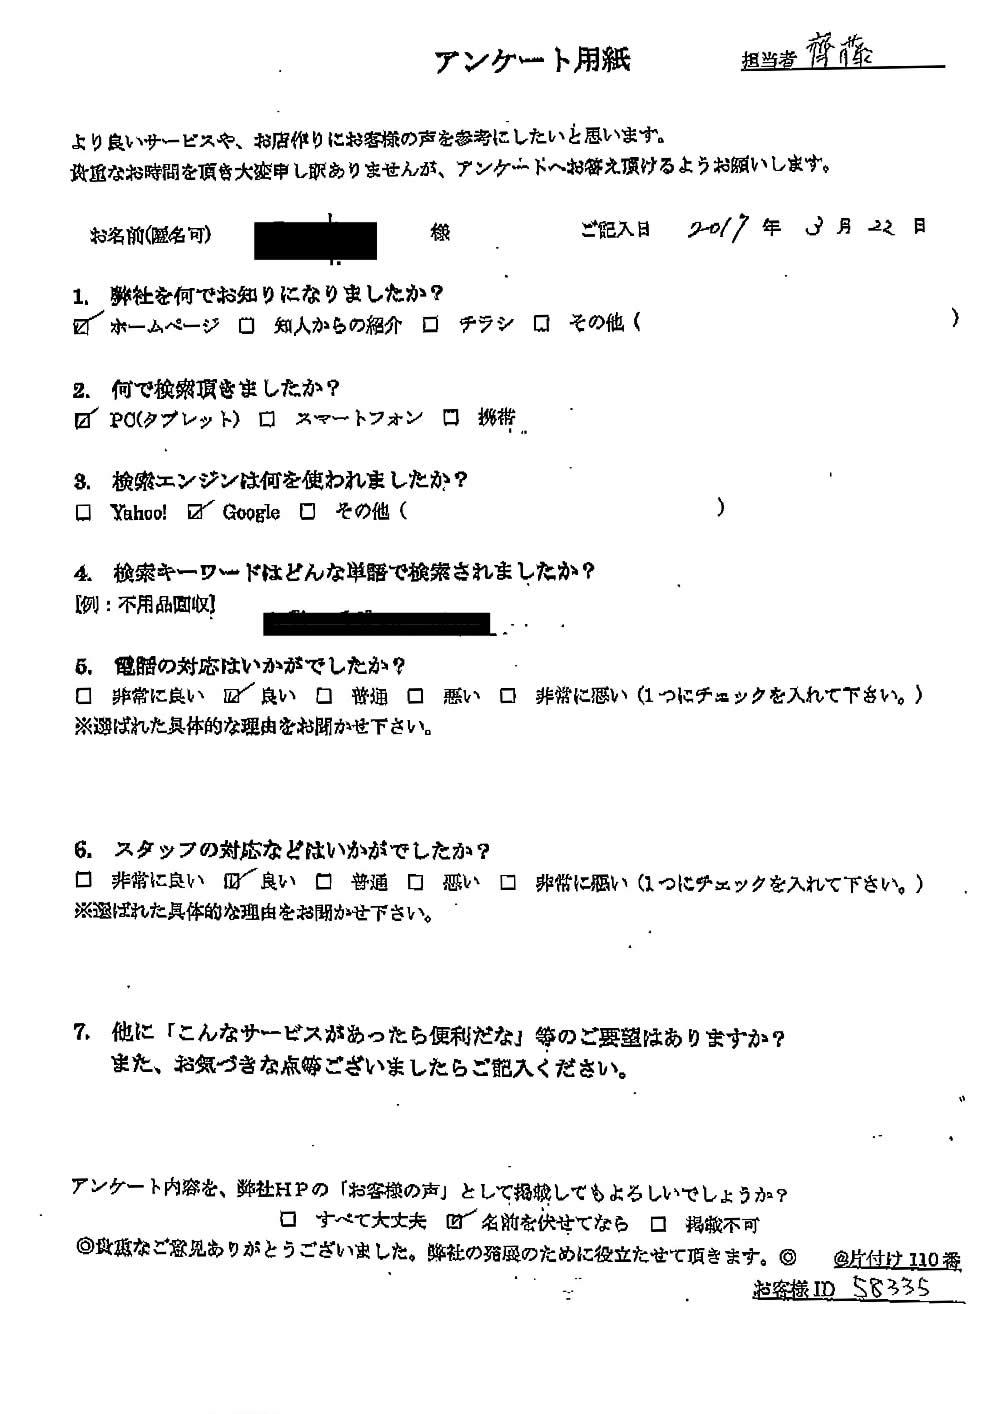 奈良県五條市にて産業廃棄物ゴミの回収 お客様の声 | 奈良県 ...